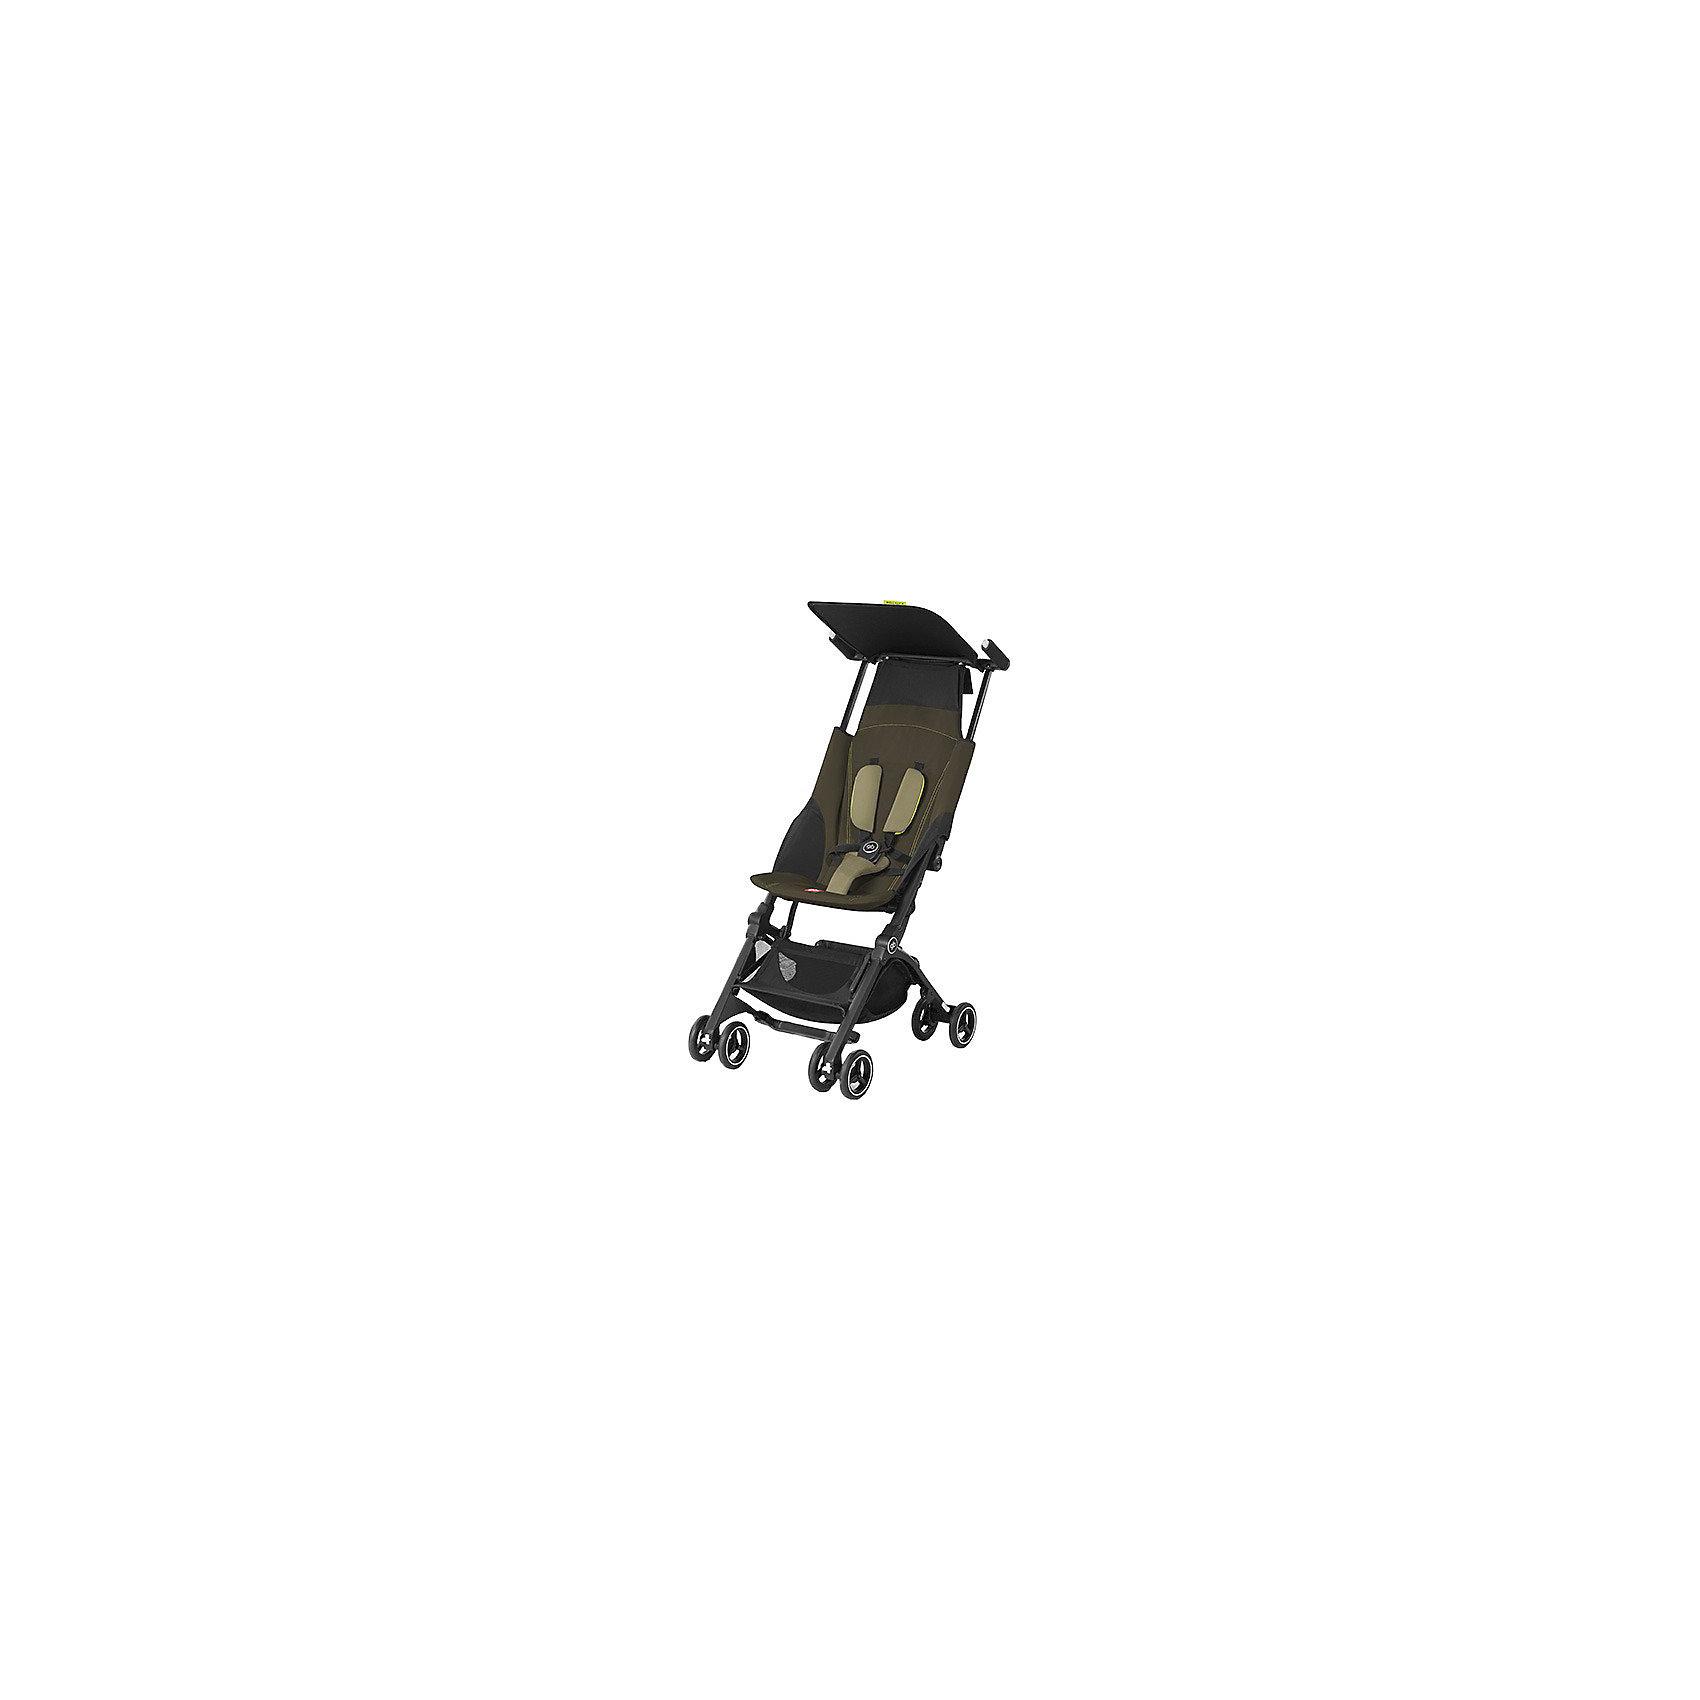 Прогулочная коляска GB pockit +, Lizard KhakiПрогулочные коляски<br>Характеристики коляски GB Pockit+<br><br>Прогулочный блок:<br><br>• 2 положения спинки коляски: сидя и полусидя;<br>• 5-ти точечные ремни безопасности с мягкими съемными накладками на кпопках;<br>• навесной козырек, полностью убирается за спинку коляски;<br>• съемный для стирки чехол прогулочного блока;<br>• материал: пластик, полиэстер.<br><br>Рама коляски:<br><br>• сдвоенные колеса: передние поворотные с блокировкой, задние оснащены тормозом;<br>• имеется корзина для покупок, объем 8 л;<br>• компактное складывание с защитой от раскладывания;<br>• 2 способа складывания;<br>• механизм складывания: книжка, колеса обращены друг к другу;<br>• материал: алюминий.<br><br>Допустимая нагрузка: до 17 кг<br>Размер коляски: 72х43х99 см<br>Размер коляски в сложенном виде: 30х18х35 см<br>Размер упаковки: 90х40х40 см<br>Вес коляски: 4,3 кг<br>Вес в упаковке: 6 кг<br><br>Супер компактная коляска Pockit+ в сложенном виде напоминает женскую сумку. Колеса направлены внутрь, коляска в сложенном виде фиксируется с помощью специального механизма. В отличии от модели Pockit, спинка коляски опускается на одну позицию, ребенок может занять положние сидя и полусидя.  Прогулочный блок оснащен ремнями безопасности, которые снабжены съемными плечевыми накладками. Козырек от солнца можно полностью убрать за спинку коляски. Корзина используется для транспортировки детских игрушек или немногочисленных покупок. <br><br>Прогулочную коляску pockit +, GB, Lizard Khaki можно купить в нашем интернет-магазине.<br><br>Ширина мм: 900<br>Глубина мм: 400<br>Высота мм: 400<br>Вес г: 6000<br>Возраст от месяцев: 6<br>Возраст до месяцев: 36<br>Пол: Унисекс<br>Возраст: Детский<br>SKU: 5532648